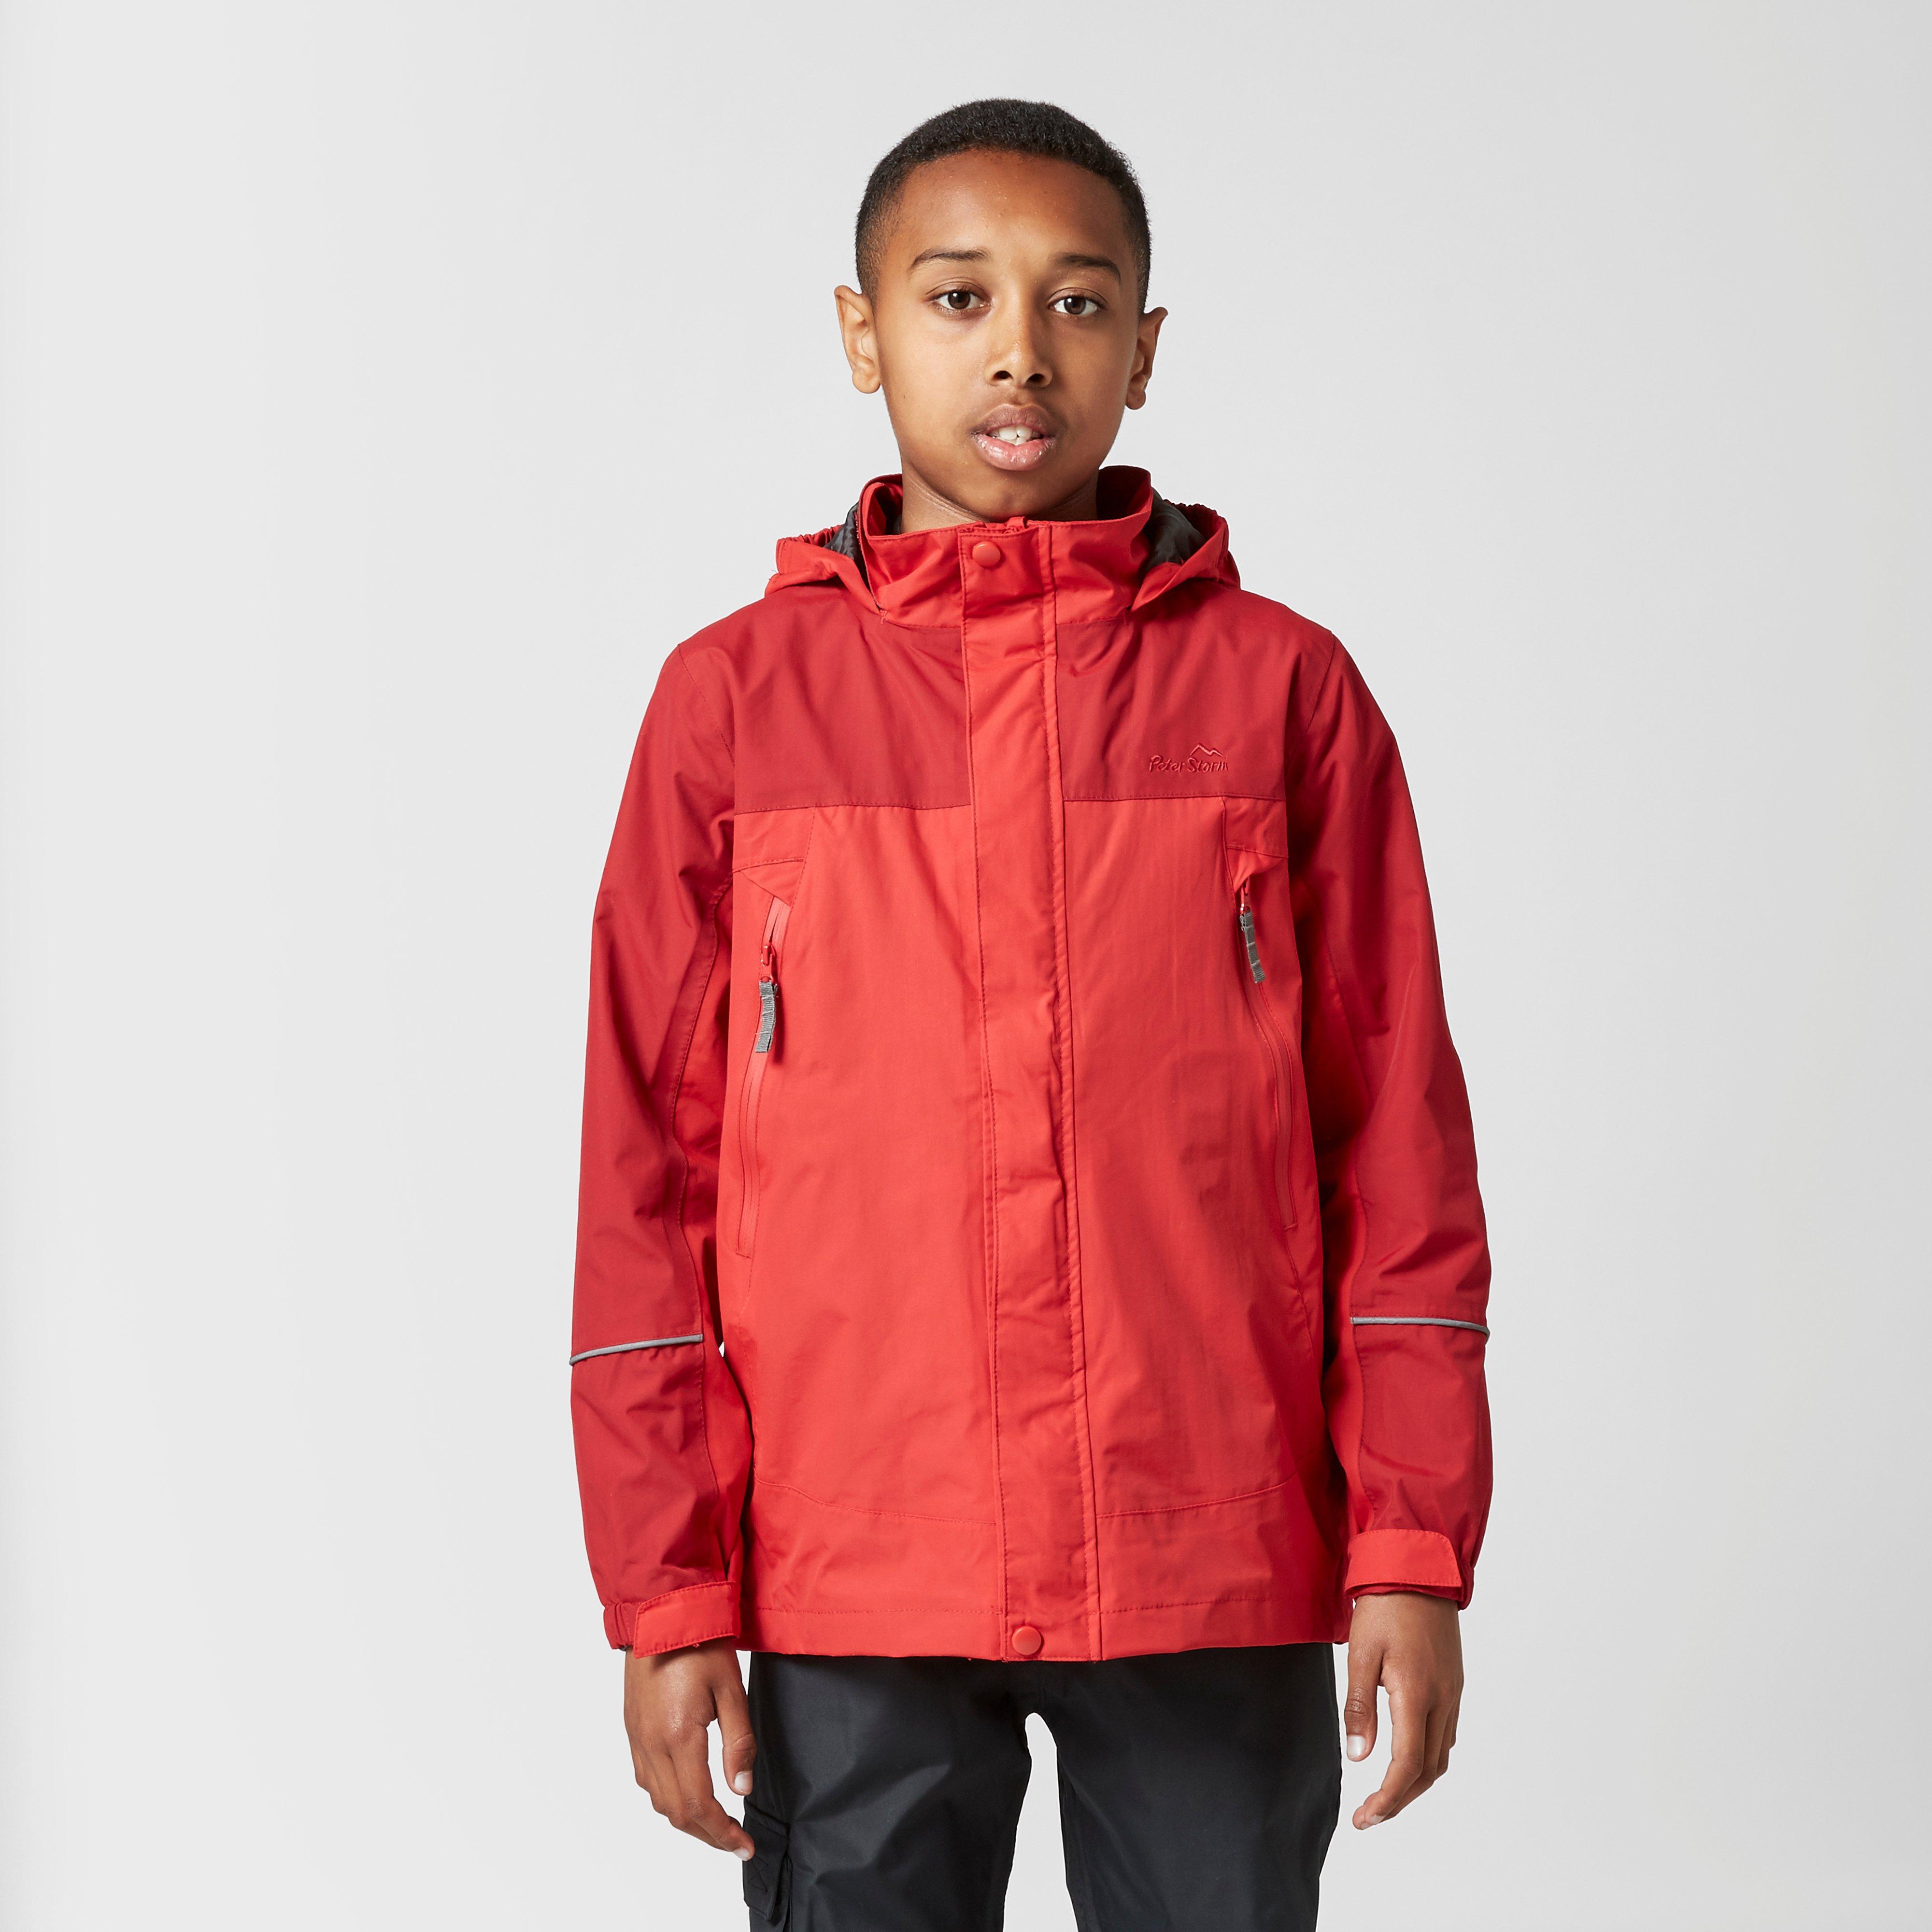 Peter Storm Kids' Mercury Waterproof Jacket - Red, Red